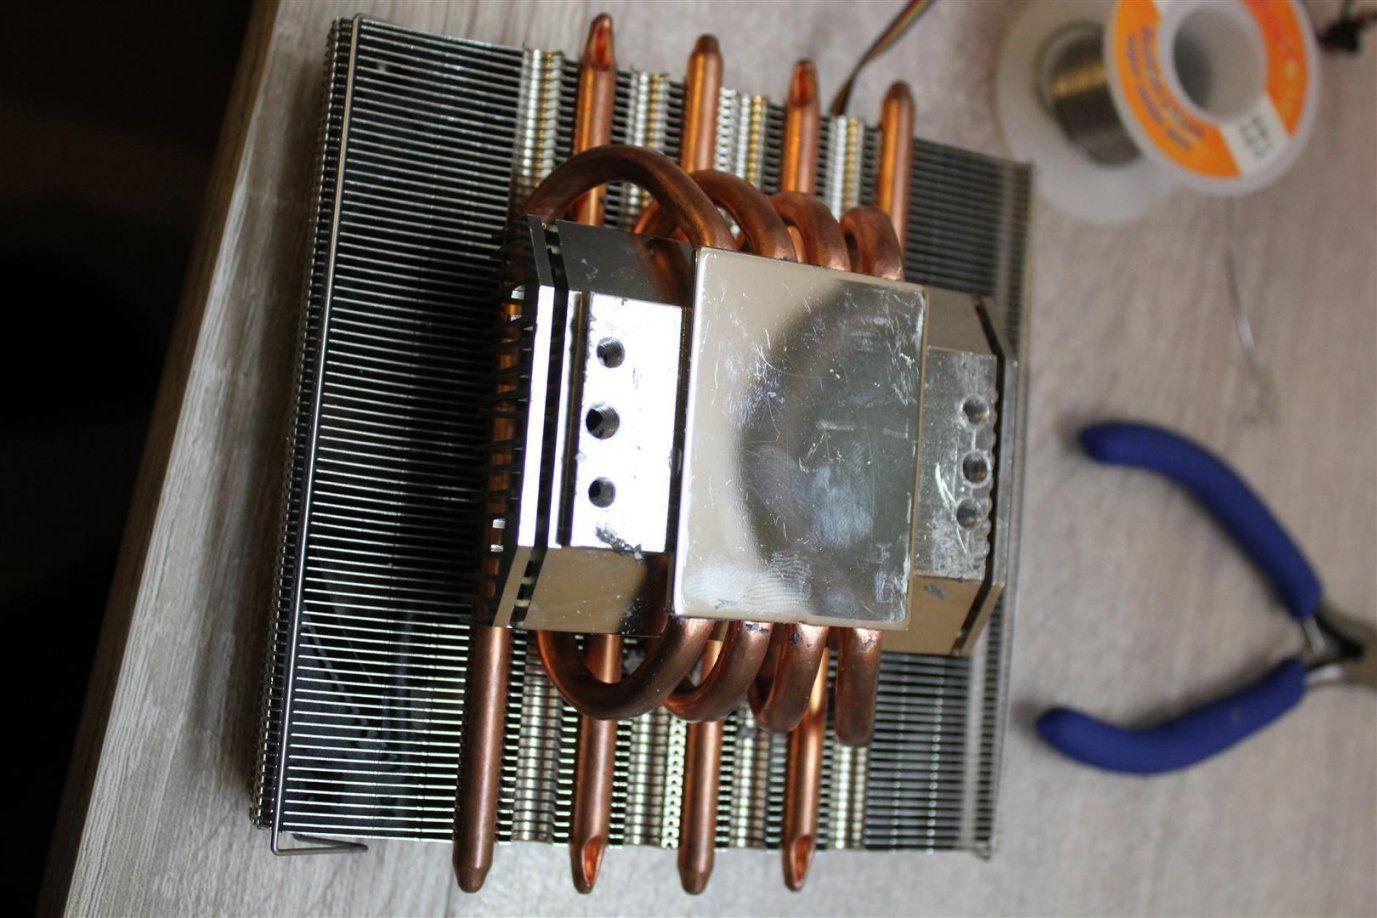 Mini Kühlschrank Bauen : Mini kühlschrank selber bauen ohne strom stromverbrauch vom